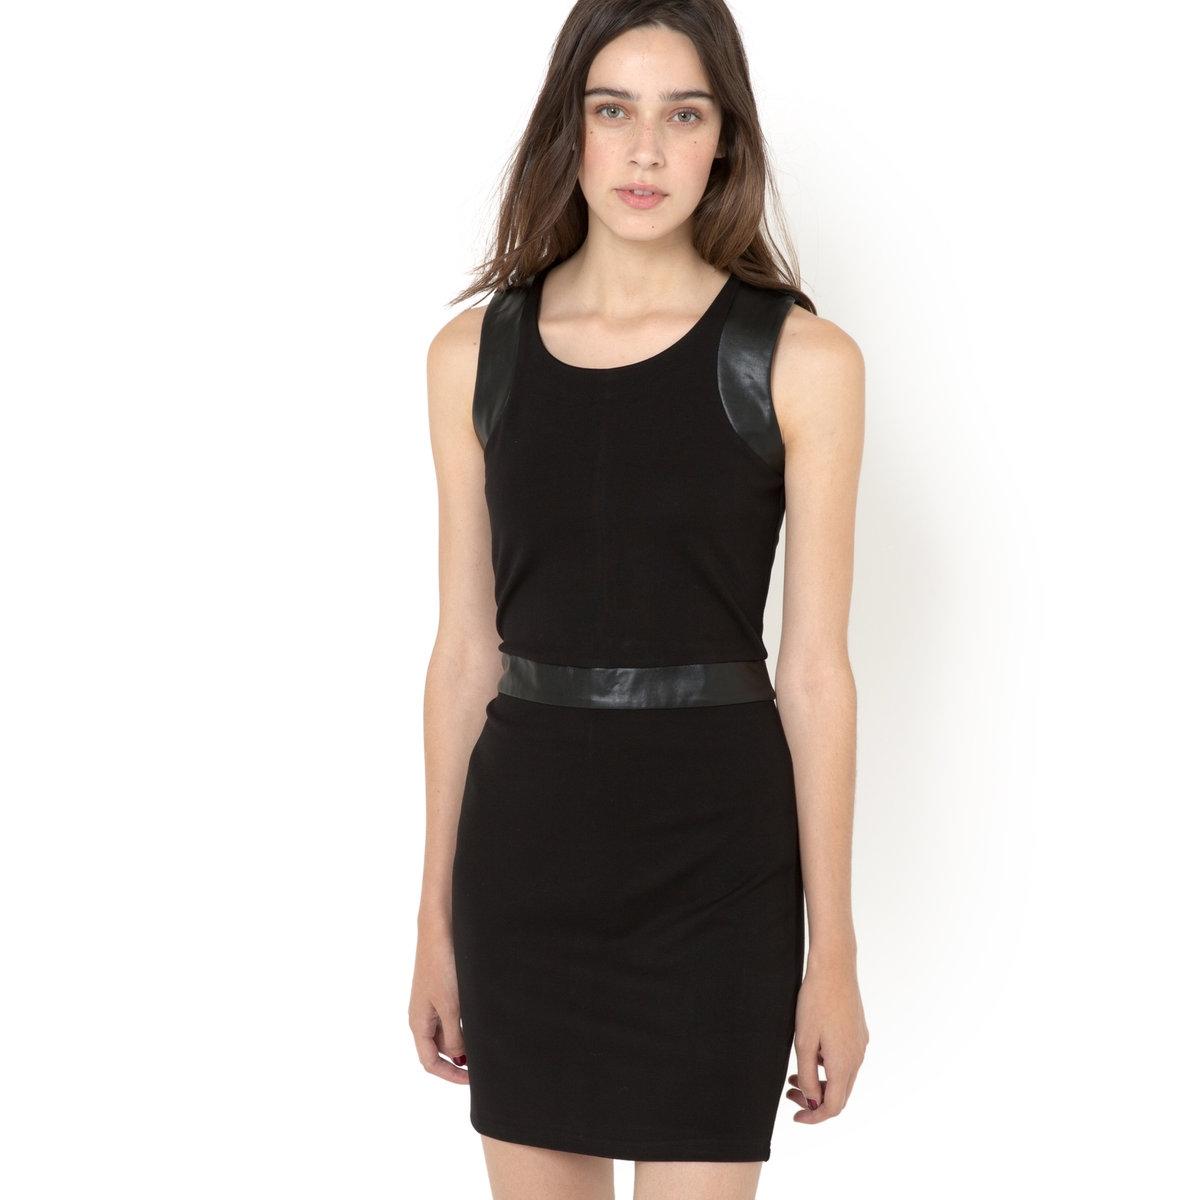 Платье без рукавов RENSHY платье двухцветное из трикотажа милано